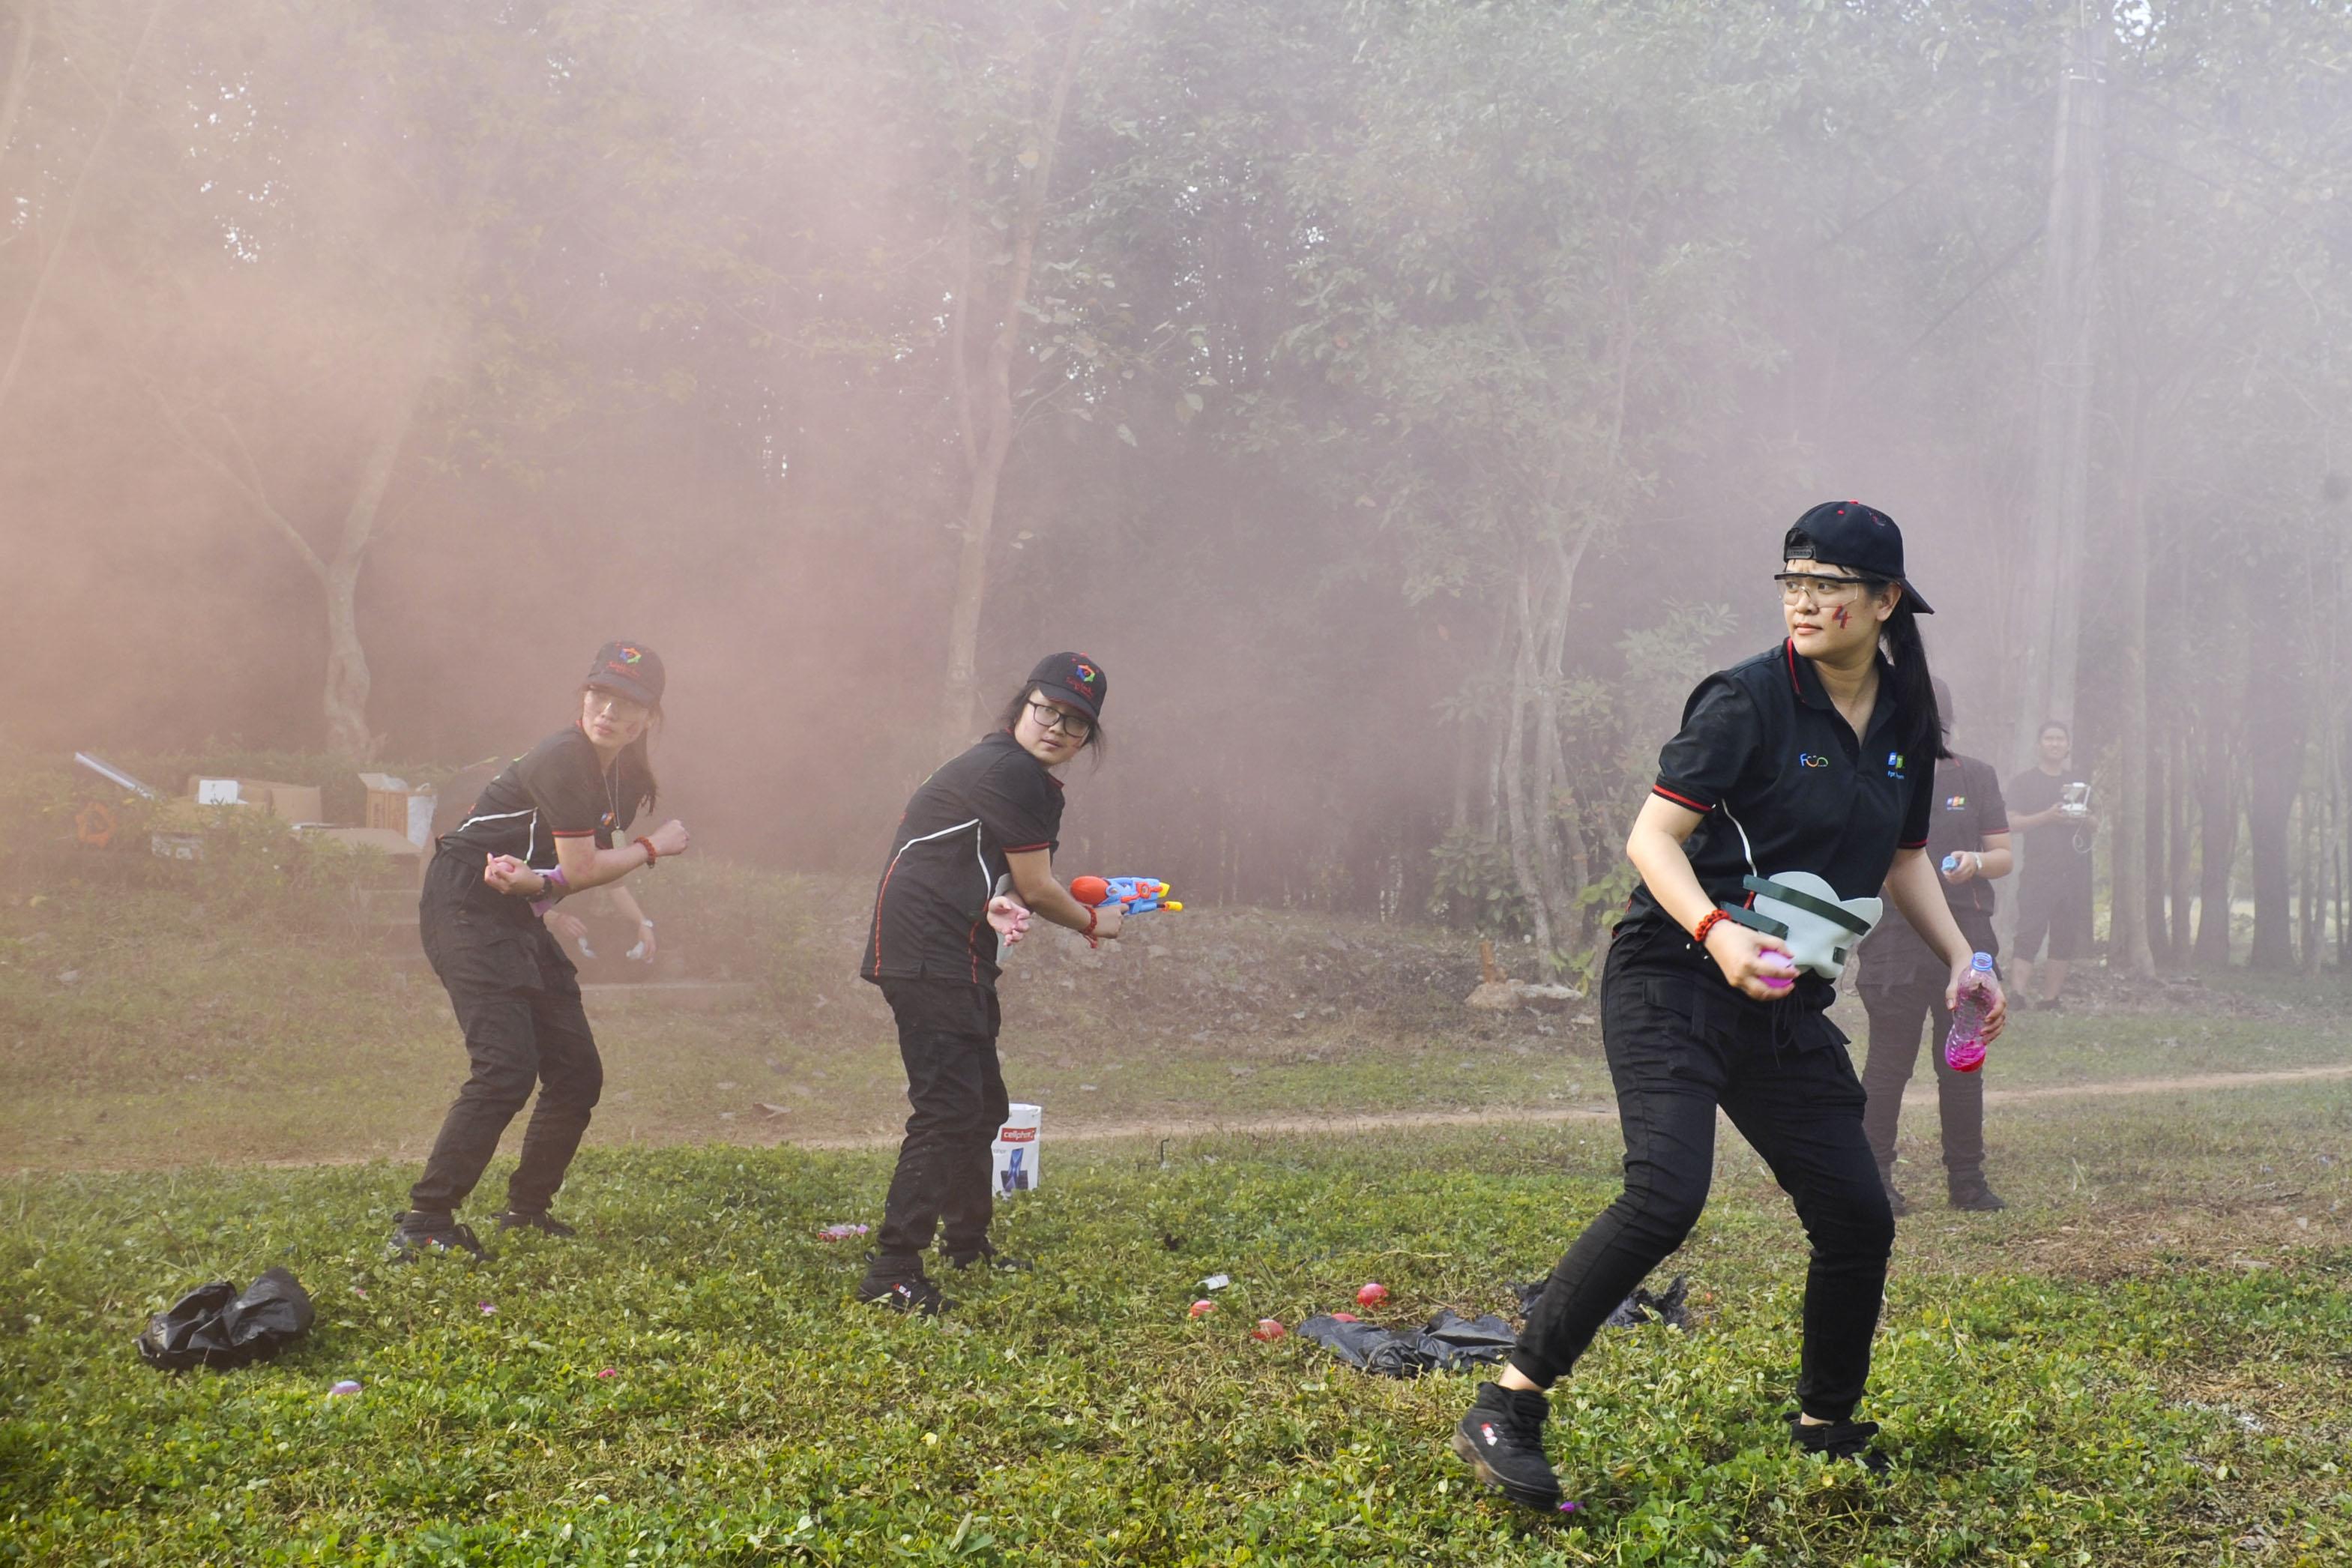 Các nữ chiến binh được giao trọng trách cầm súng ra trận dù mỗi đội chỉ có duy nhất một cây súng.